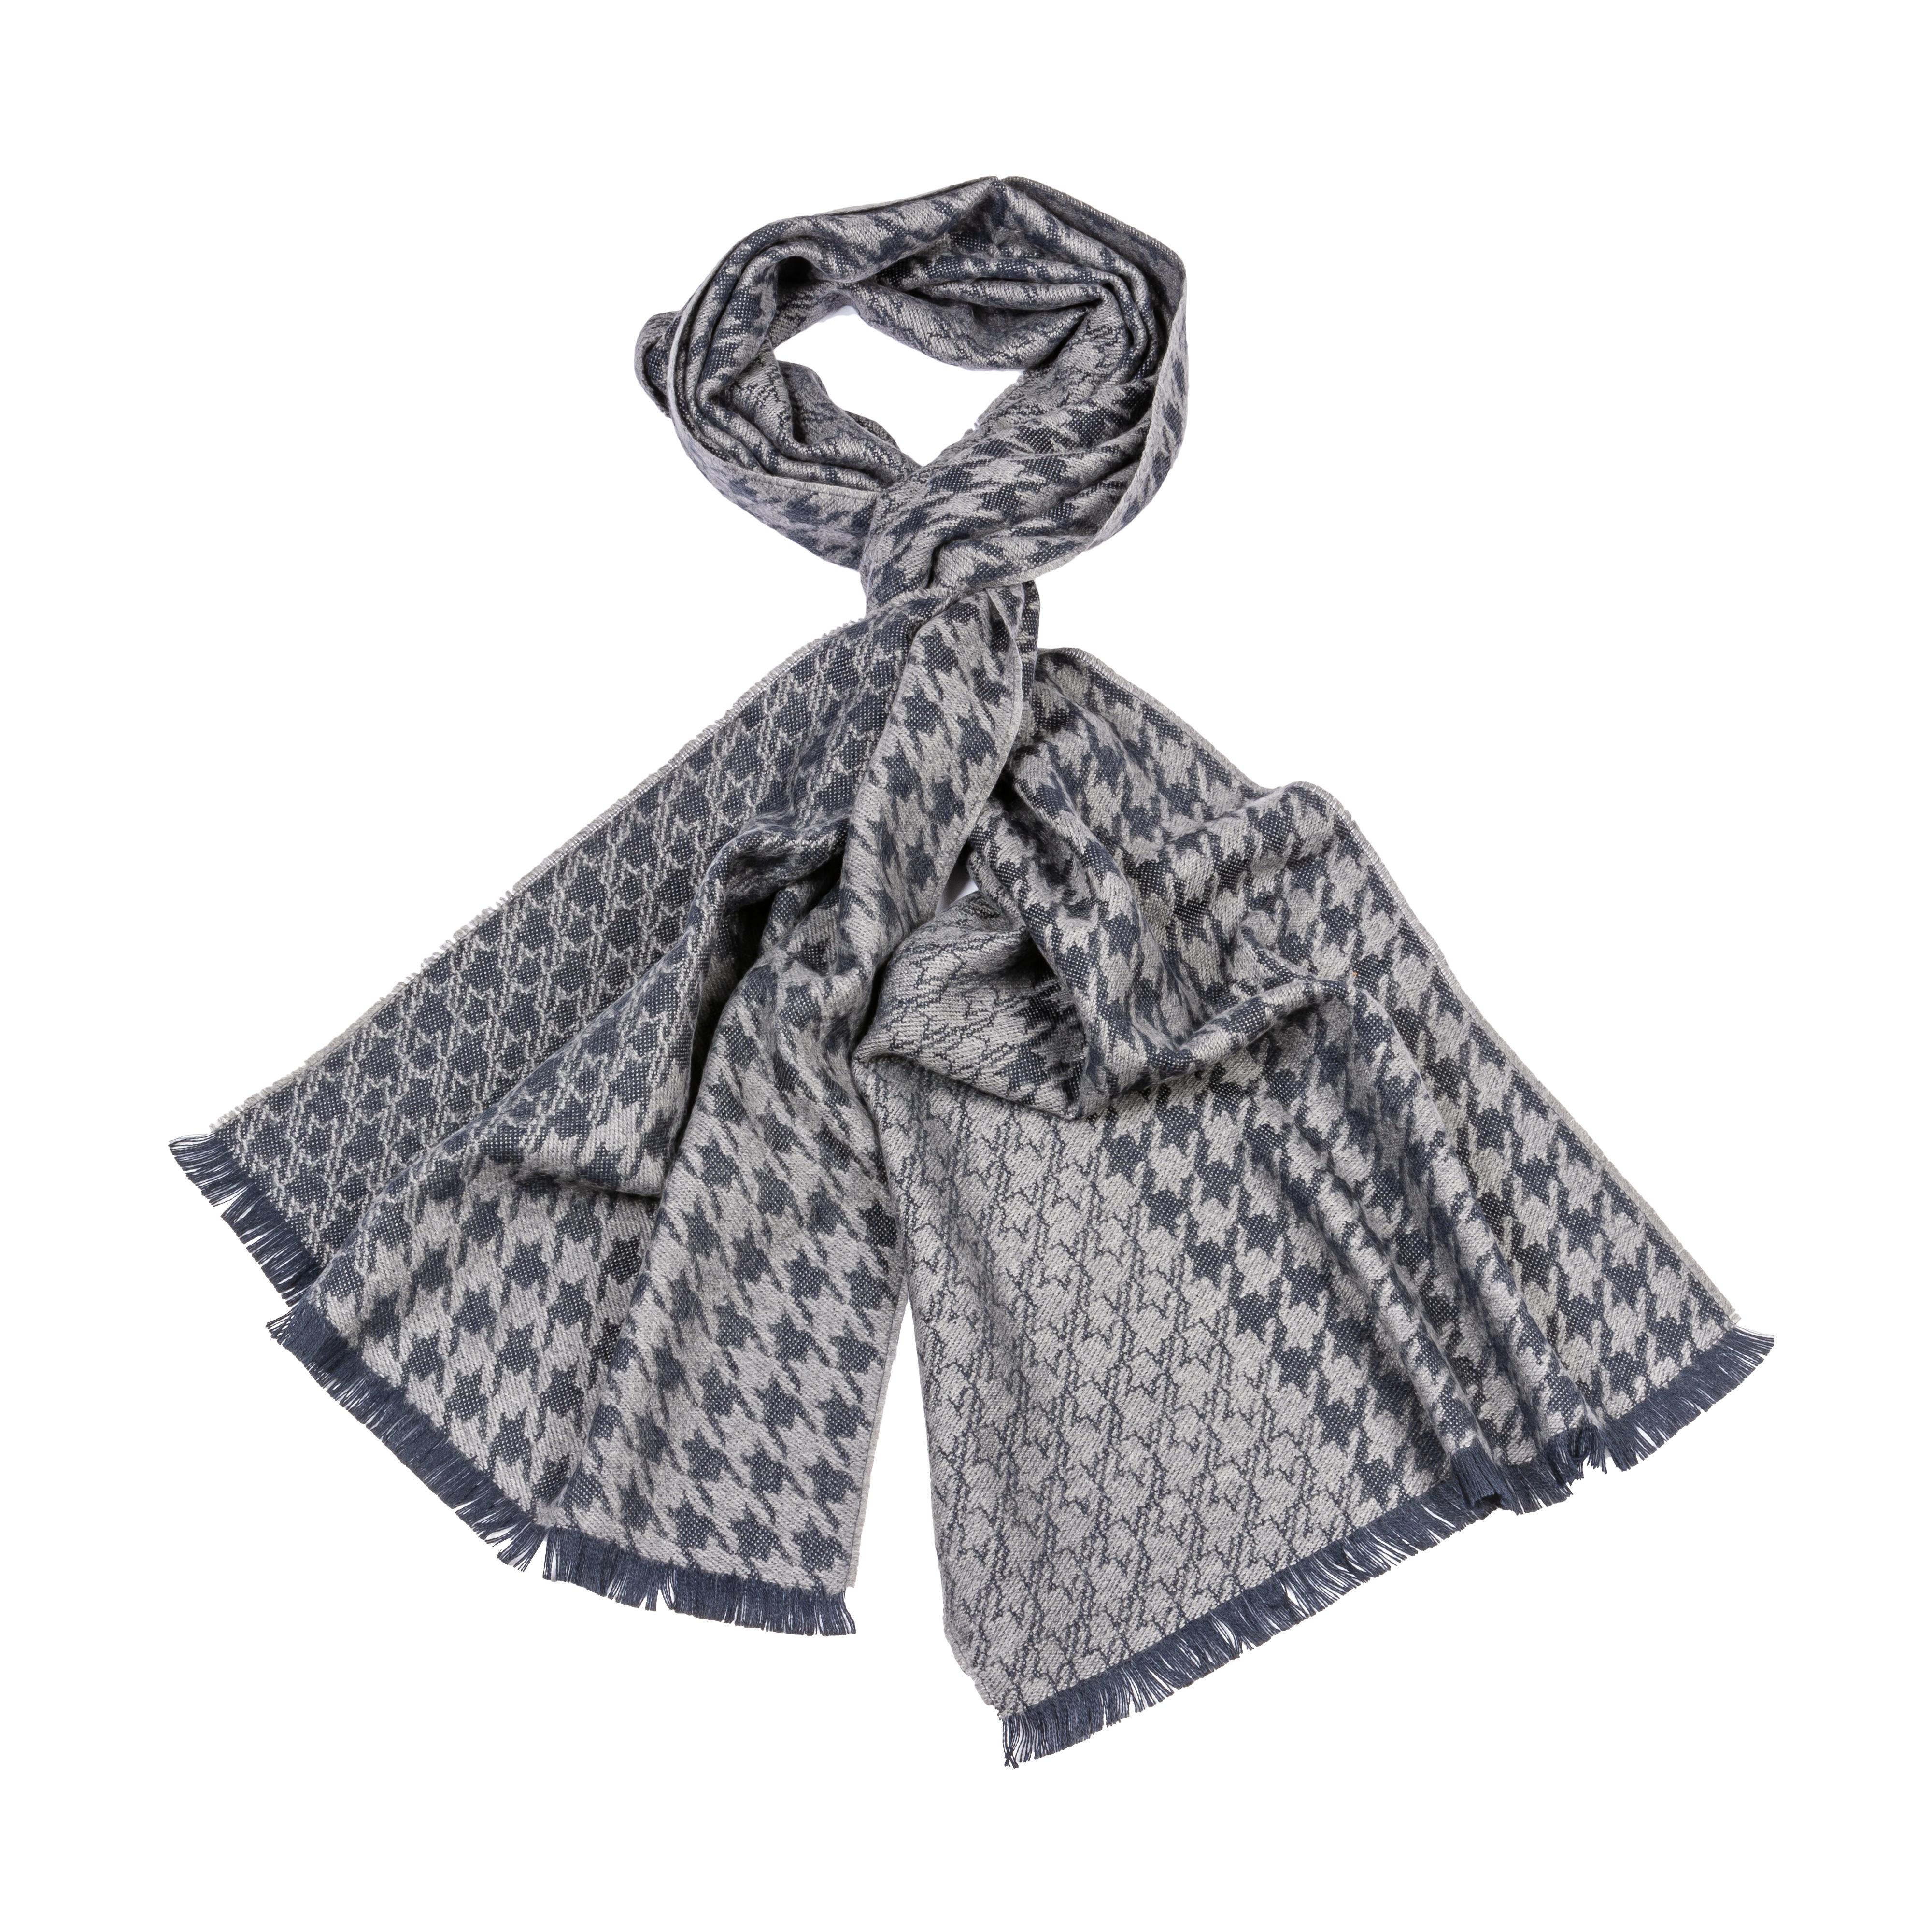 Echarpe  en laine mélangée gris chiné et gris anthracite à motifs